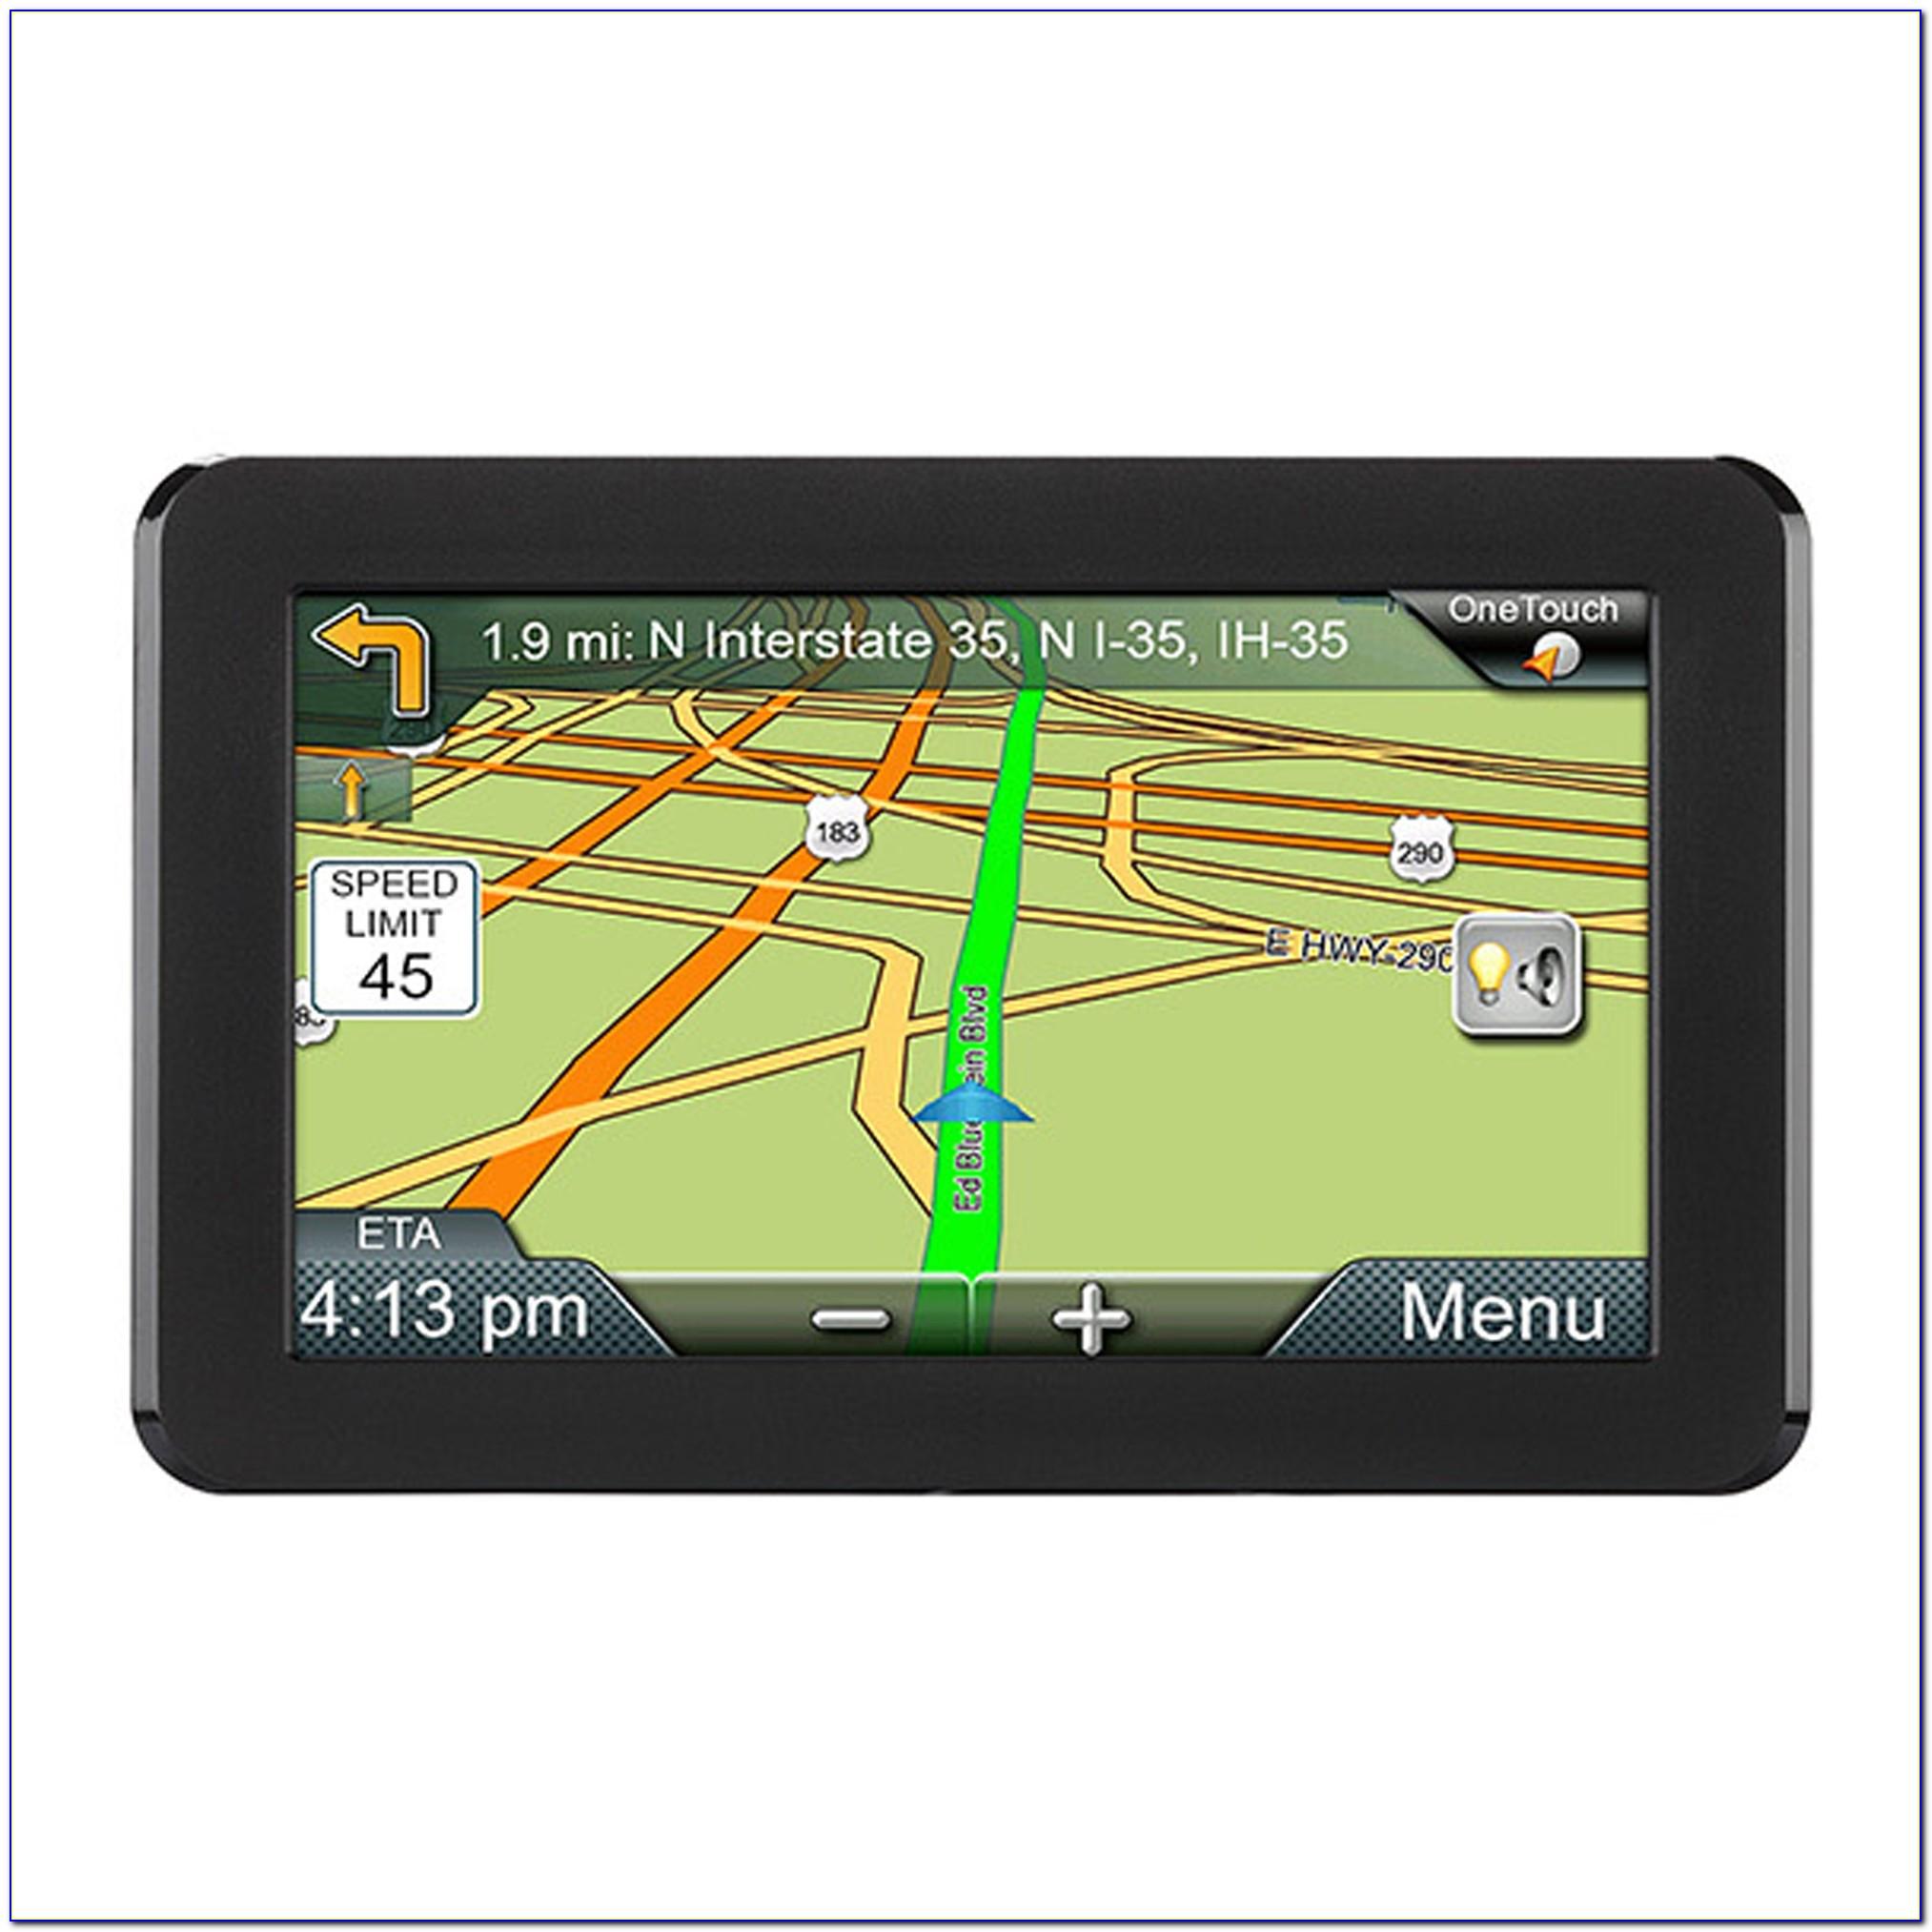 Magellan Roadmate 1200 Free Map Update